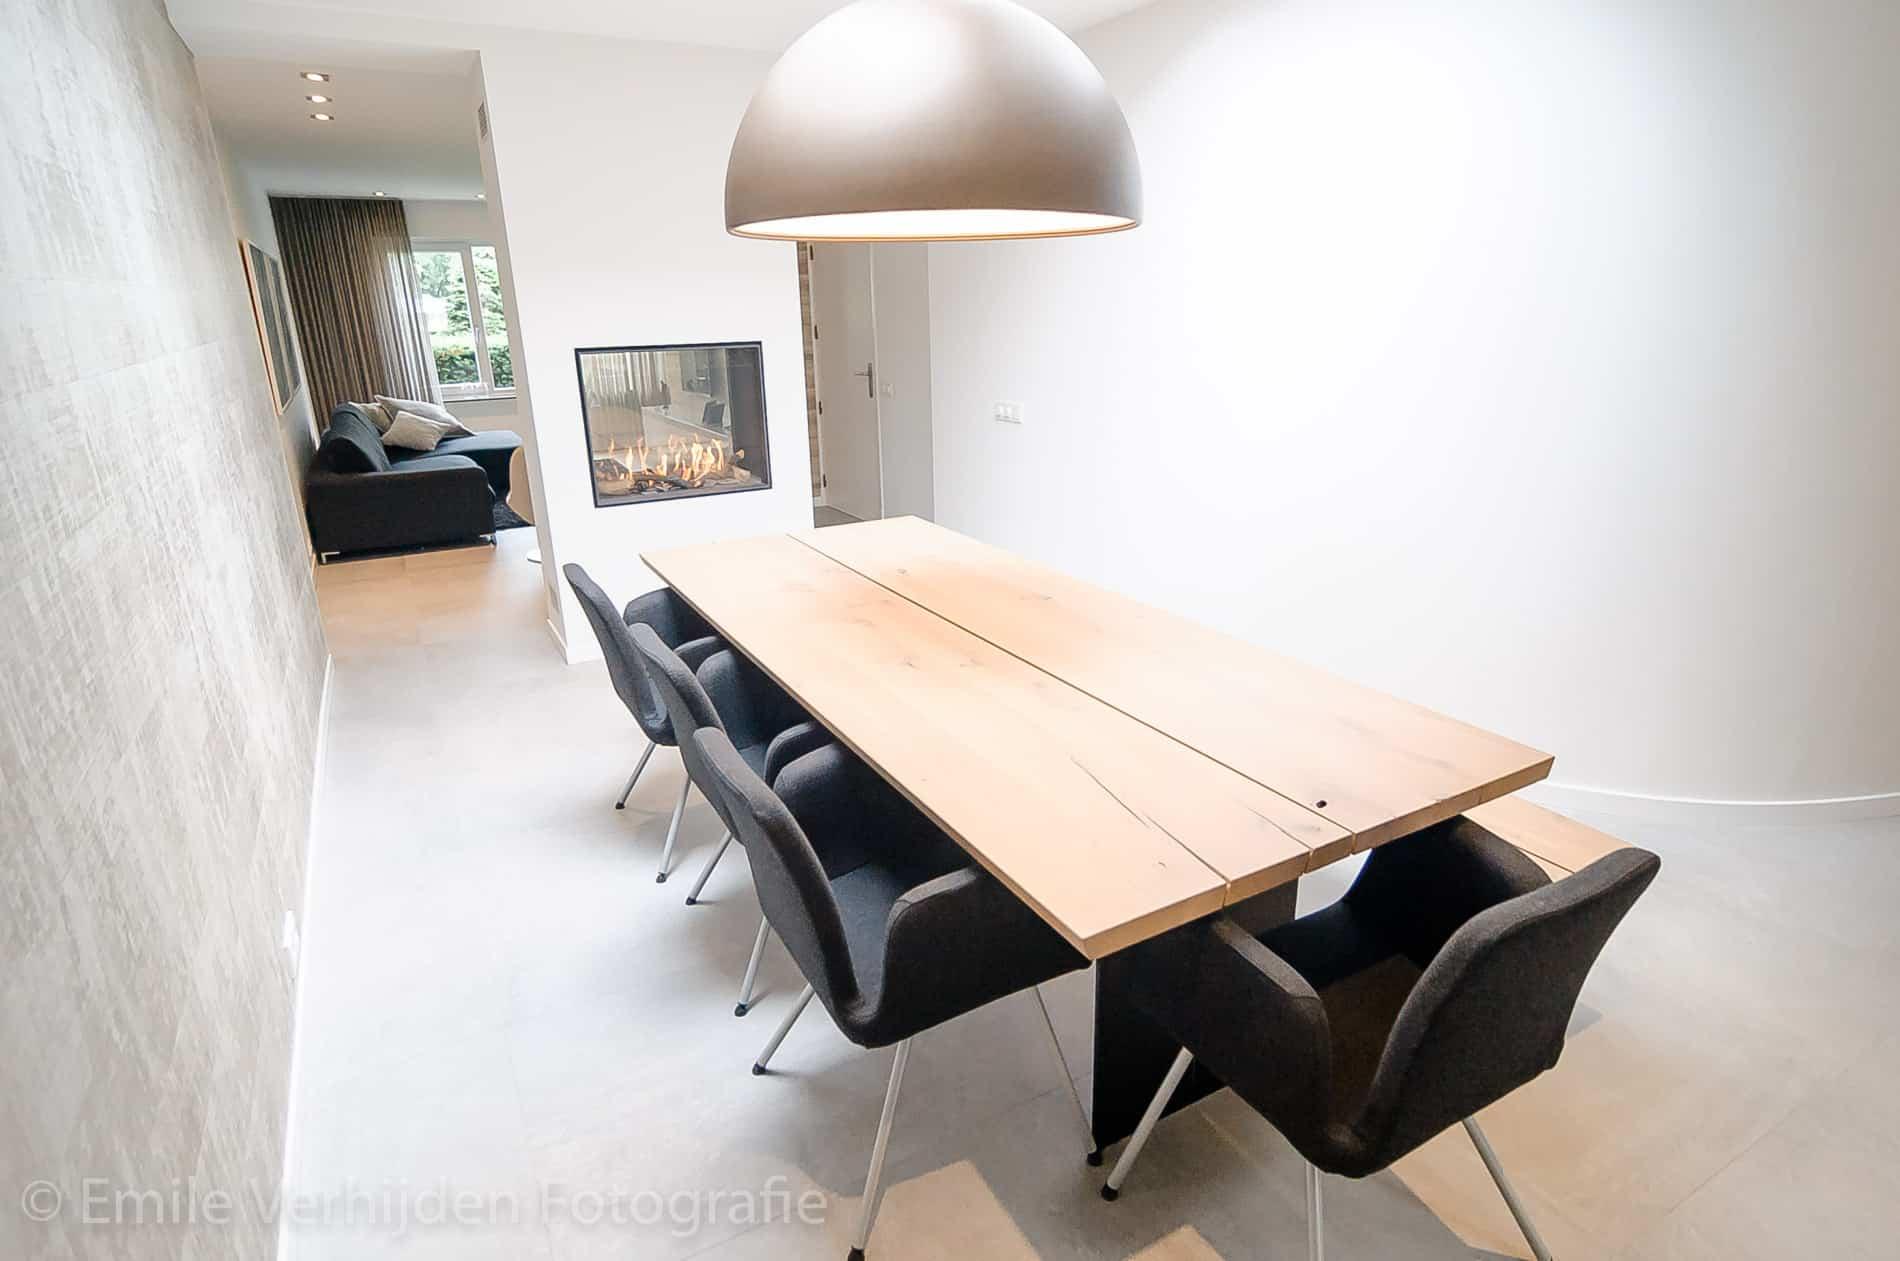 Interieur fotograaf voorbeeld van keuken. Woningfotograaf Limburg Emile Verhijden voor al uw woningfotografie